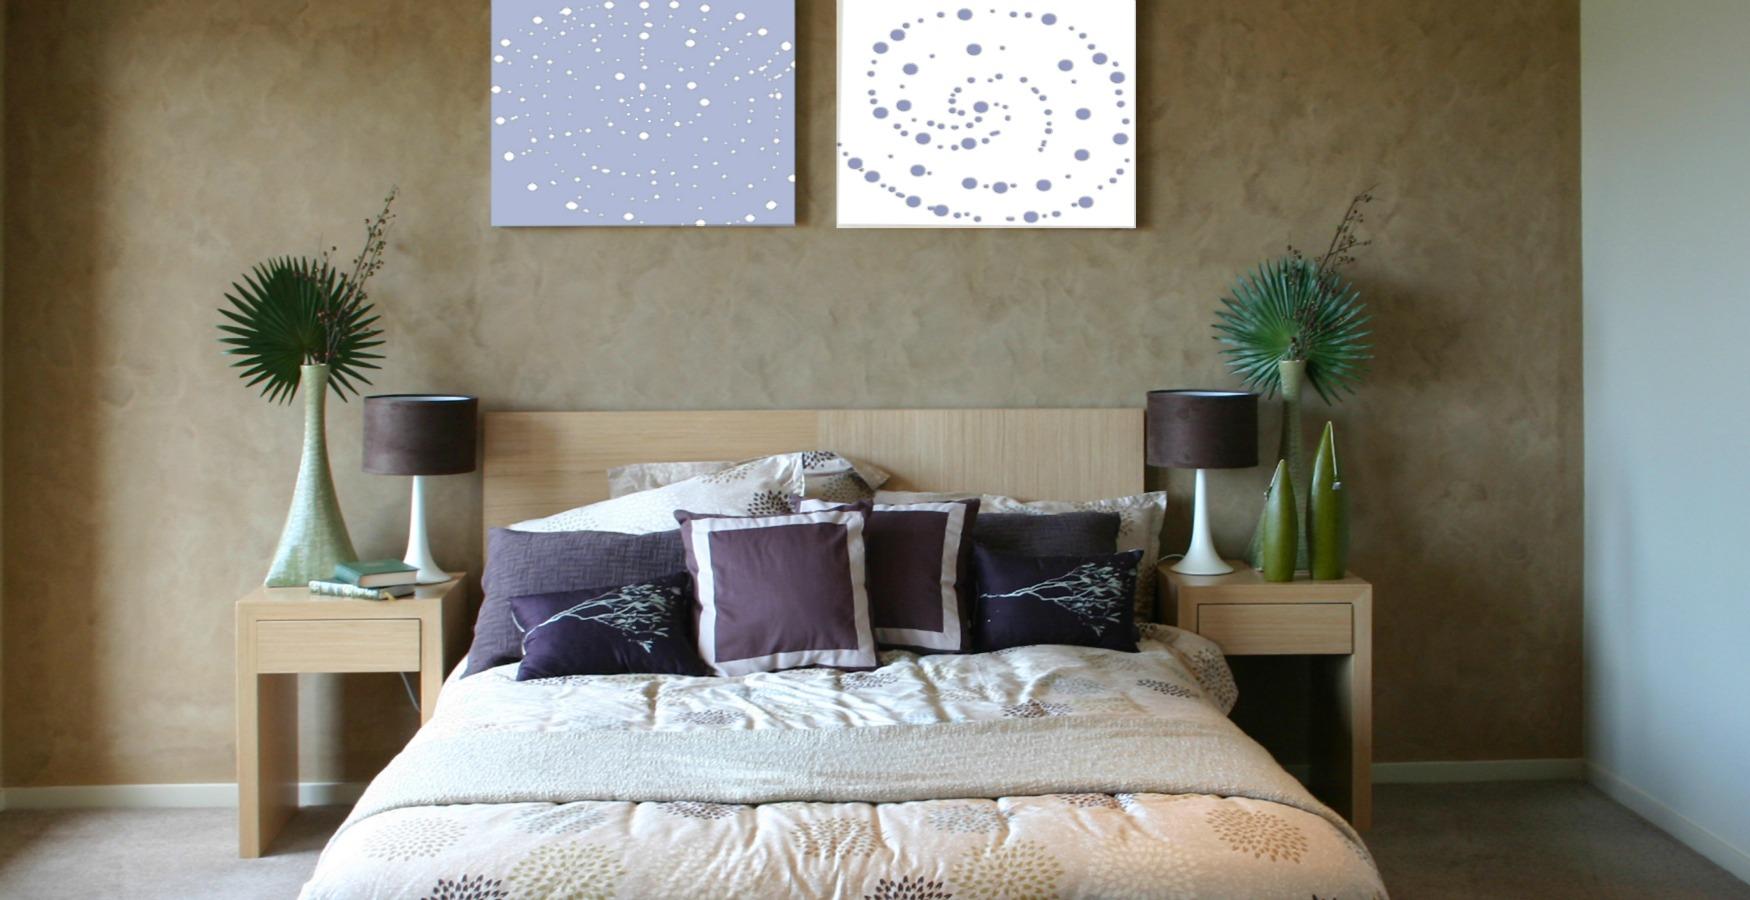 از اصول فنگ شویی در اتاق خواب چه می دانید؟